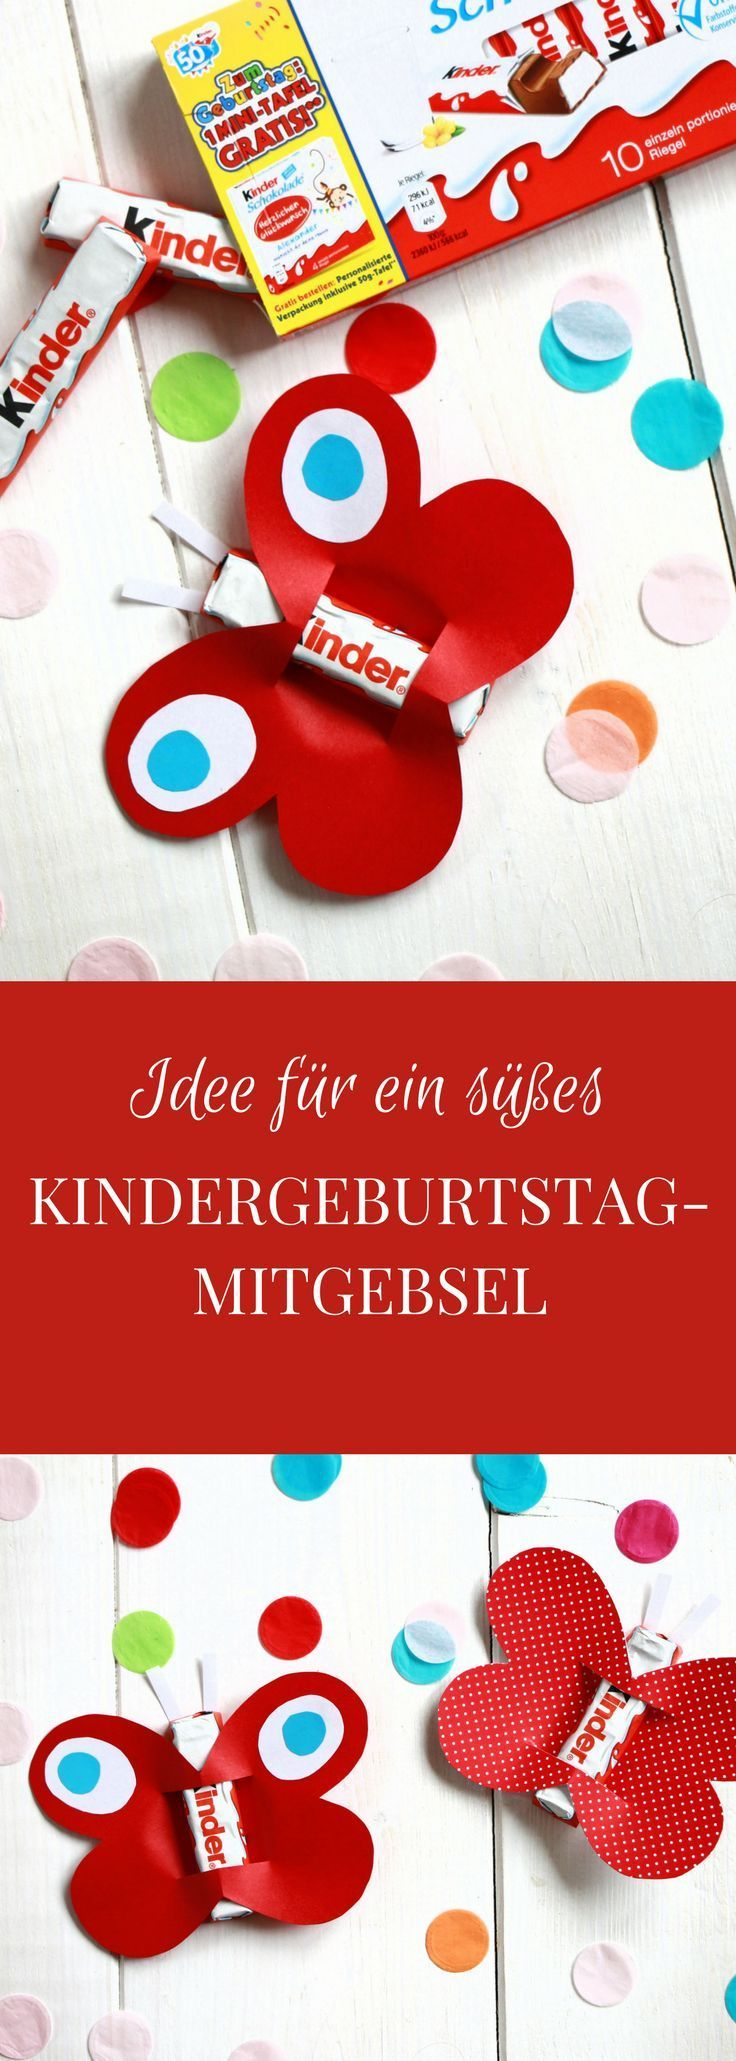 anzeige: kindergeburtstag feiern: ideen für eine